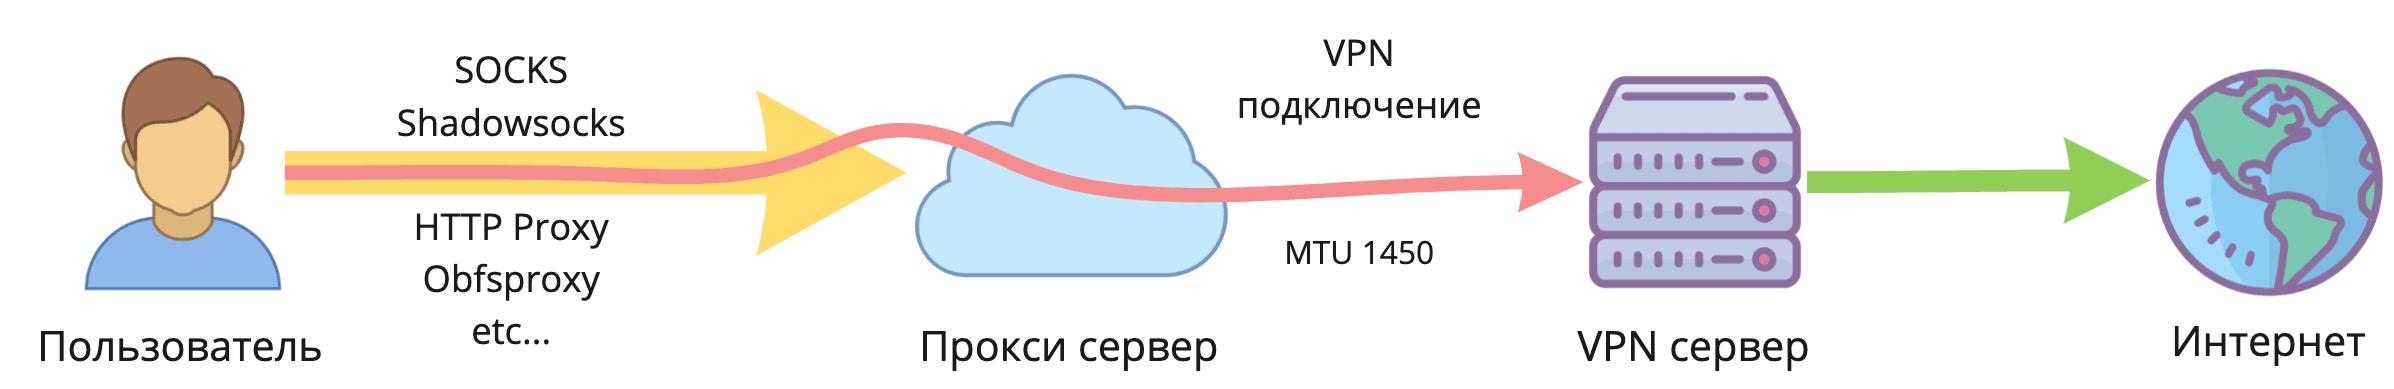 Двойной VPN в один клик. Как легко разделить IP-адрес точки входа и выхода - 3